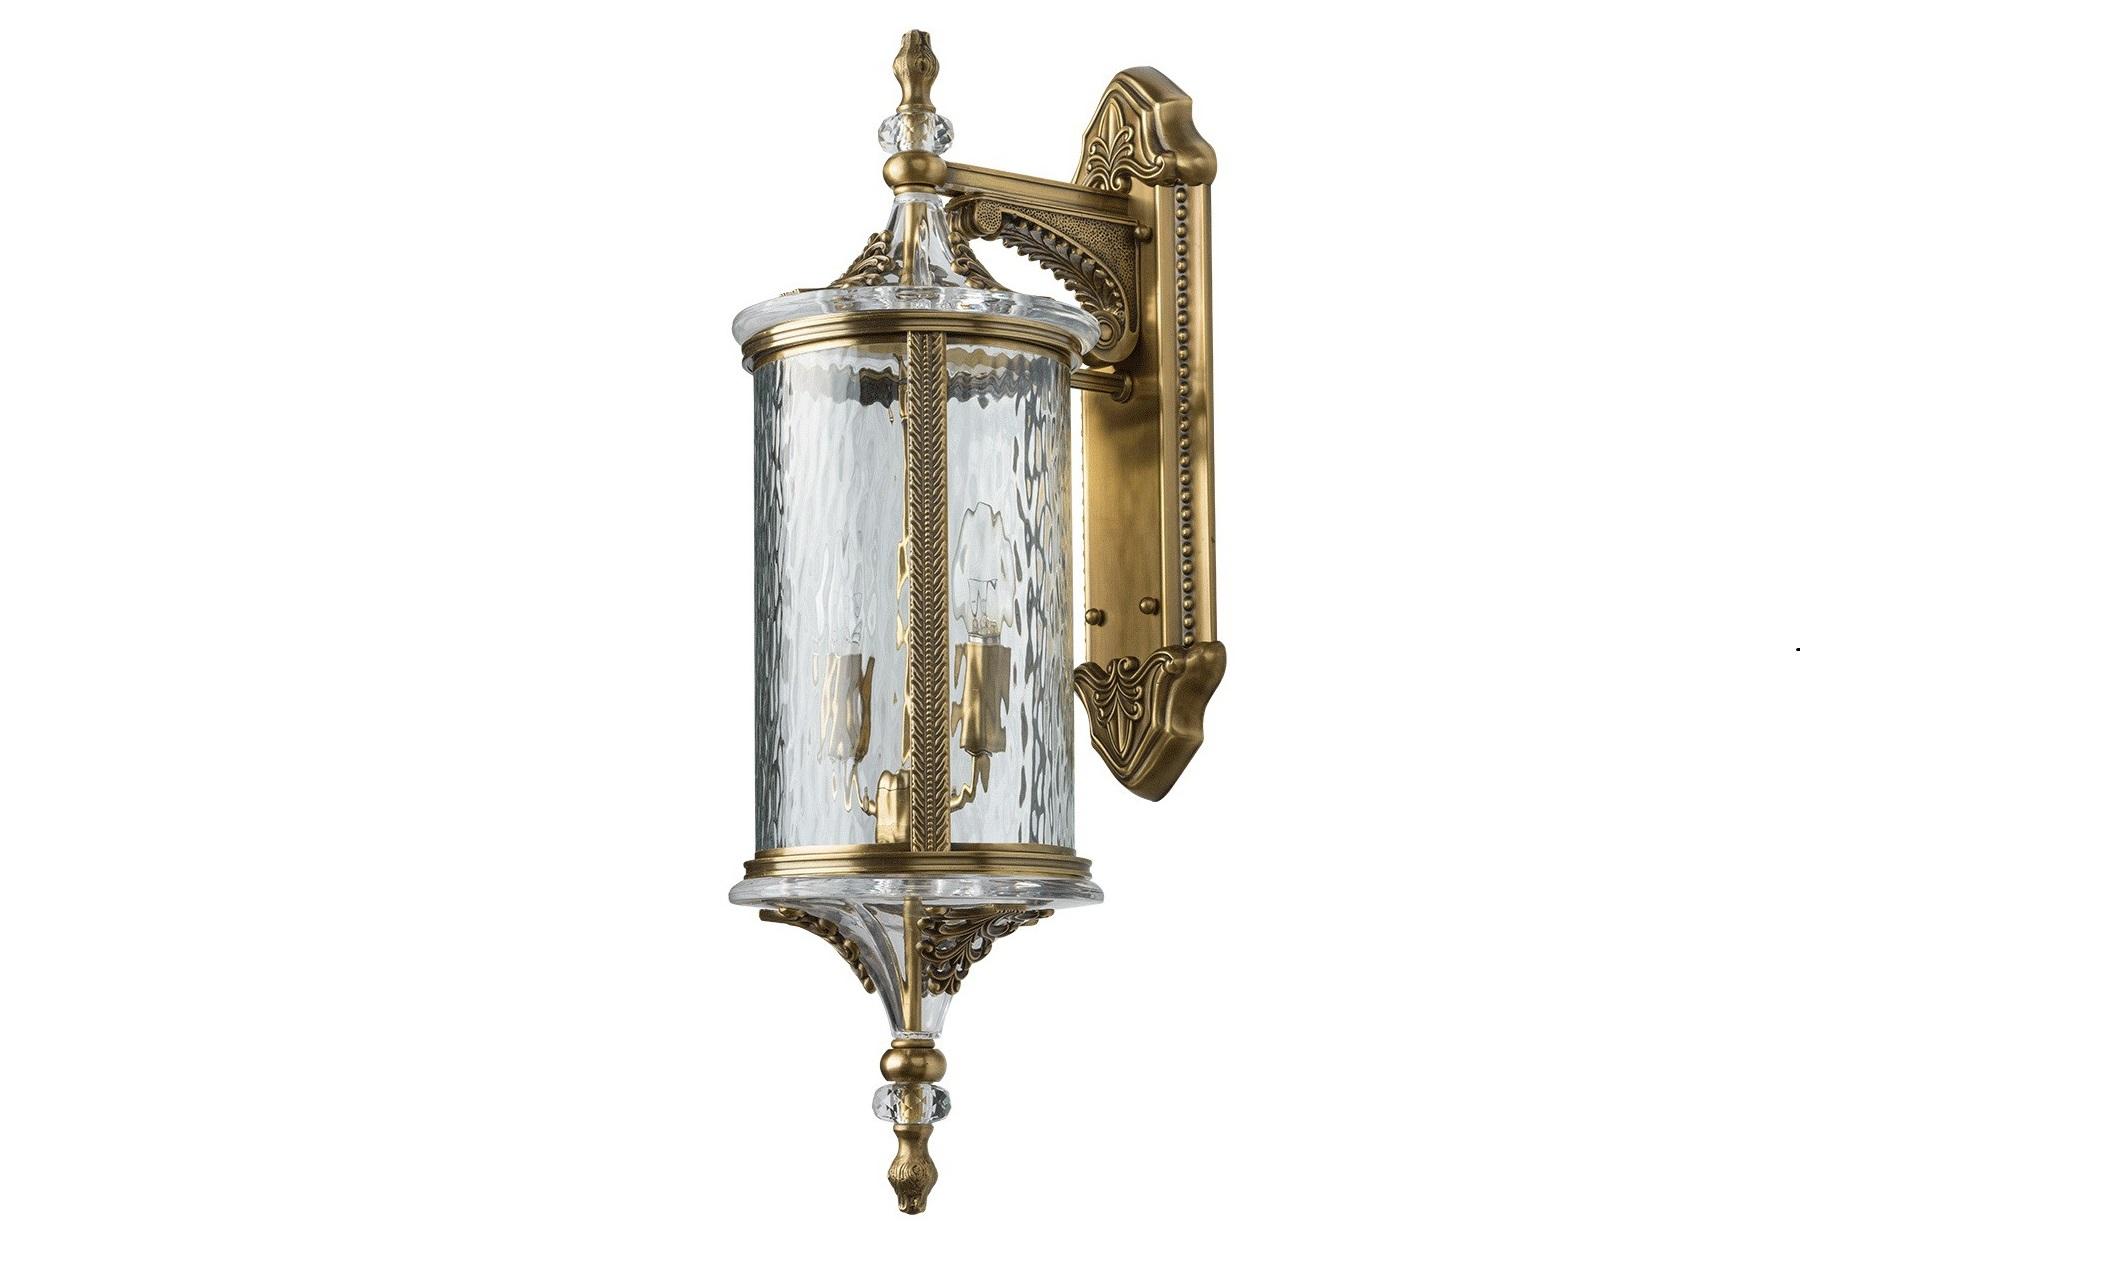 Уличный светильник МидосУличные настенные светильники<br>&amp;lt;div&amp;gt;Уникальный светильник из коллекции «Мидос» создан для любителей роскоши во всем, в том числе в освещении ландшафтной зоны. Он выполнен из латуни и художественного стекла, которые в дуэте создают завораживающую игру света, от которой невозможно оторвать глаз. Помимо этого, светильник украшен декоративными элементами из высококачественного хрусталя, создающего дополнительные переливы световых лучей. Высокий уровень IP защиты позволяет использовать его на улице и в помещениях с навесом. Такой светильник безусловно внесет в обстановку атмосферу блеска, изящества и благородства.&amp;lt;/div&amp;gt;&amp;lt;div&amp;gt;&amp;lt;br&amp;gt;&amp;lt;/div&amp;gt;&amp;lt;div&amp;gt;Площадь освещения порядка 12 кв.м.&amp;lt;/div&amp;gt;&amp;lt;div&amp;gt;Основание из латуни, плафон из стекла, декоративные элементы из хрусталя&amp;lt;/div&amp;gt;&amp;lt;div&amp;gt;Мощность 2*60W&amp;lt;/div&amp;gt;&amp;lt;div&amp;gt;Цоколь E14&amp;lt;/div&amp;gt;&amp;lt;div&amp;gt;Степень защиты светильников от пыли и влаги IP44&amp;lt;/div&amp;gt;<br><br>Material: Латунь<br>Length см: None<br>Width см: 20<br>Depth см: 26<br>Height см: 64